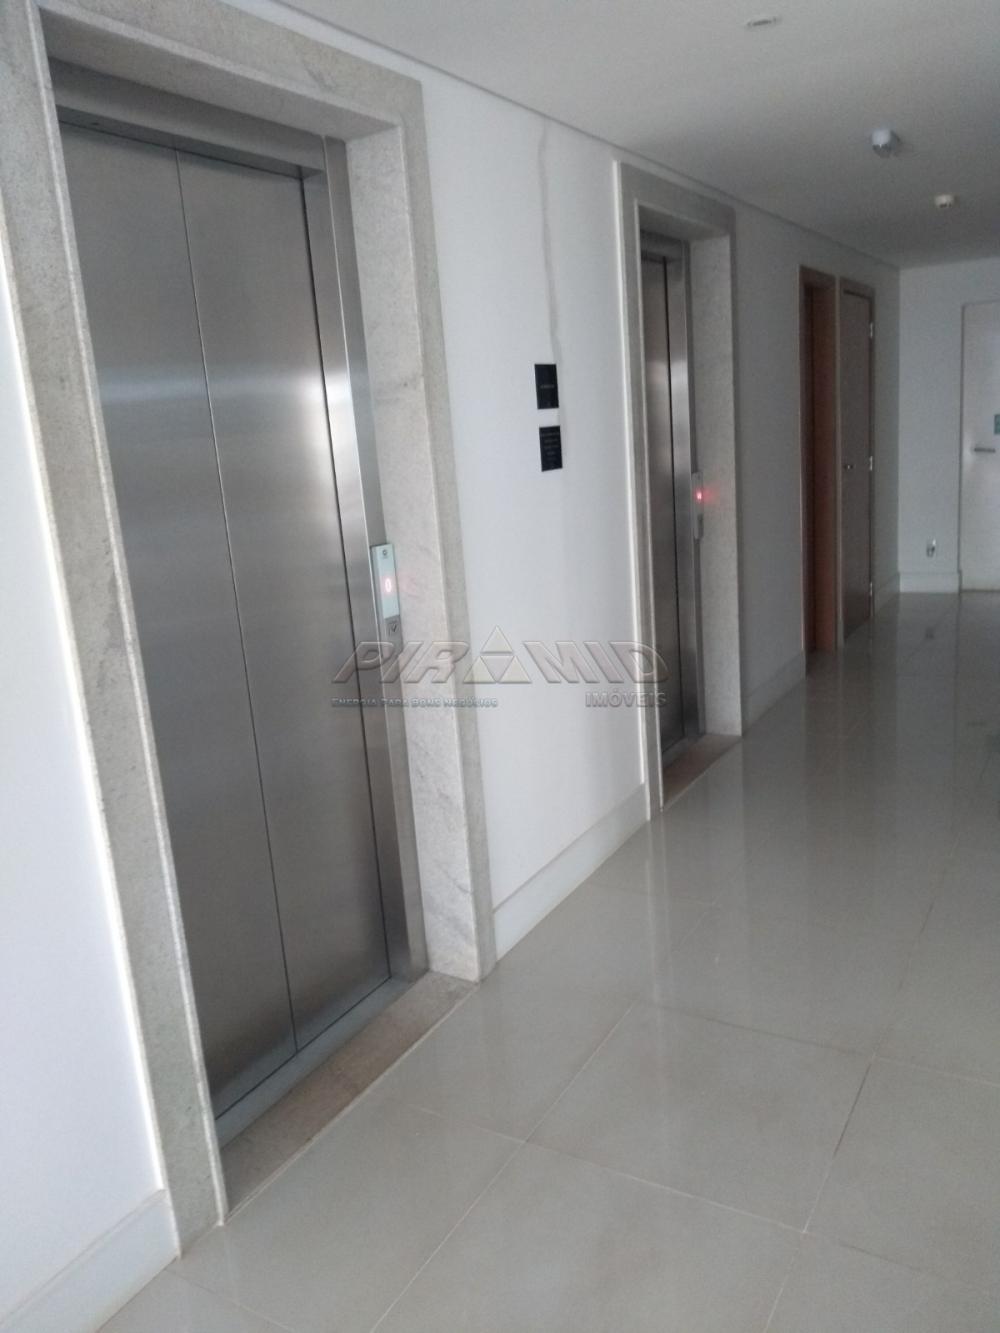 Alugar Apartamento / Padrão em Ribeirão Preto R$ 1.700,00 - Foto 59